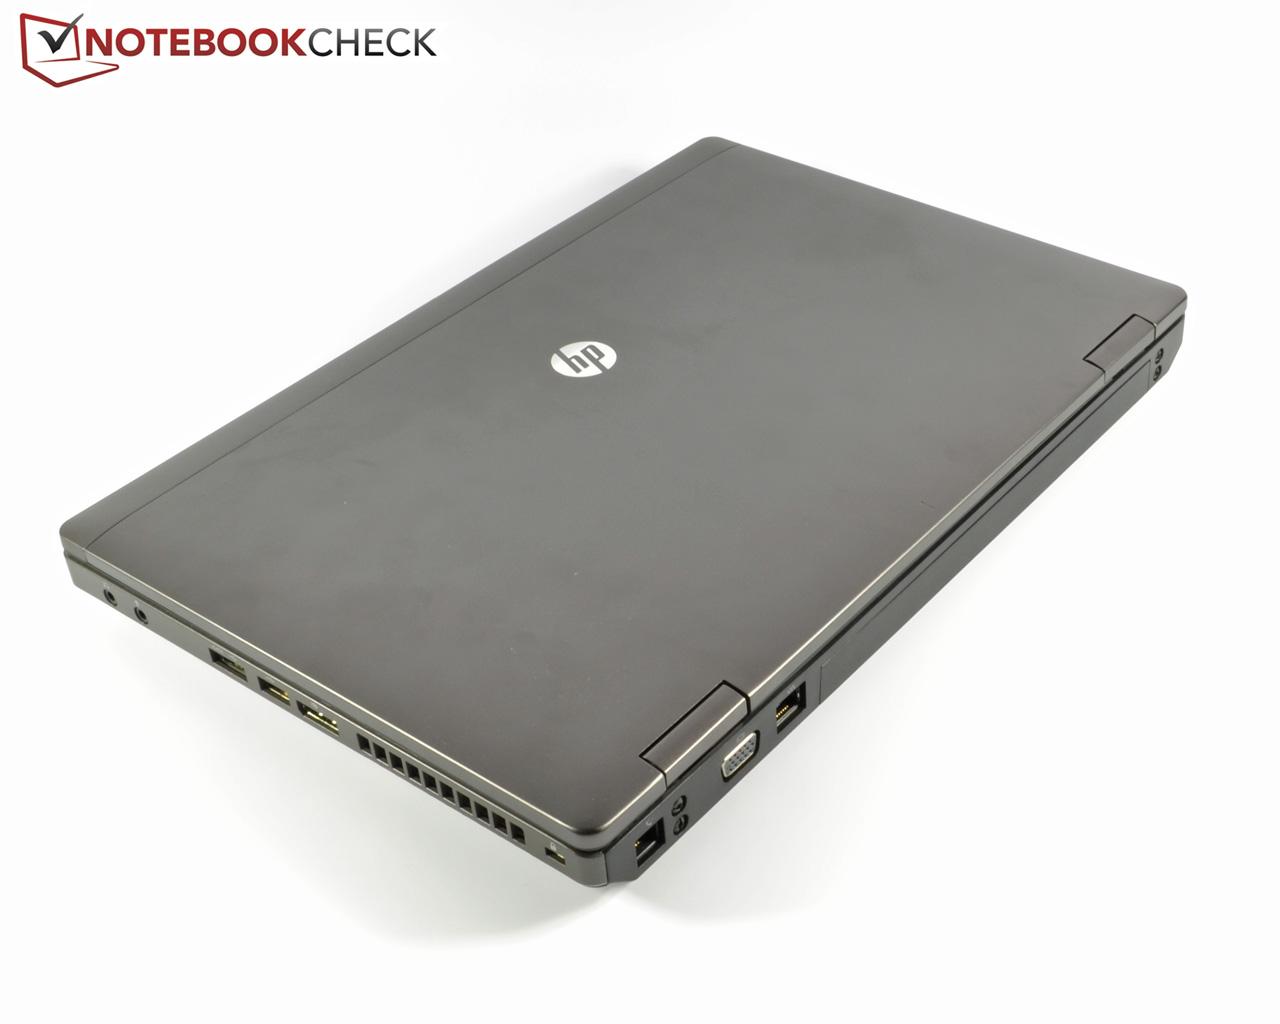 c226f25bb79e Review HP ProBook 6470b Notebook - NotebookCheck.net Reviews